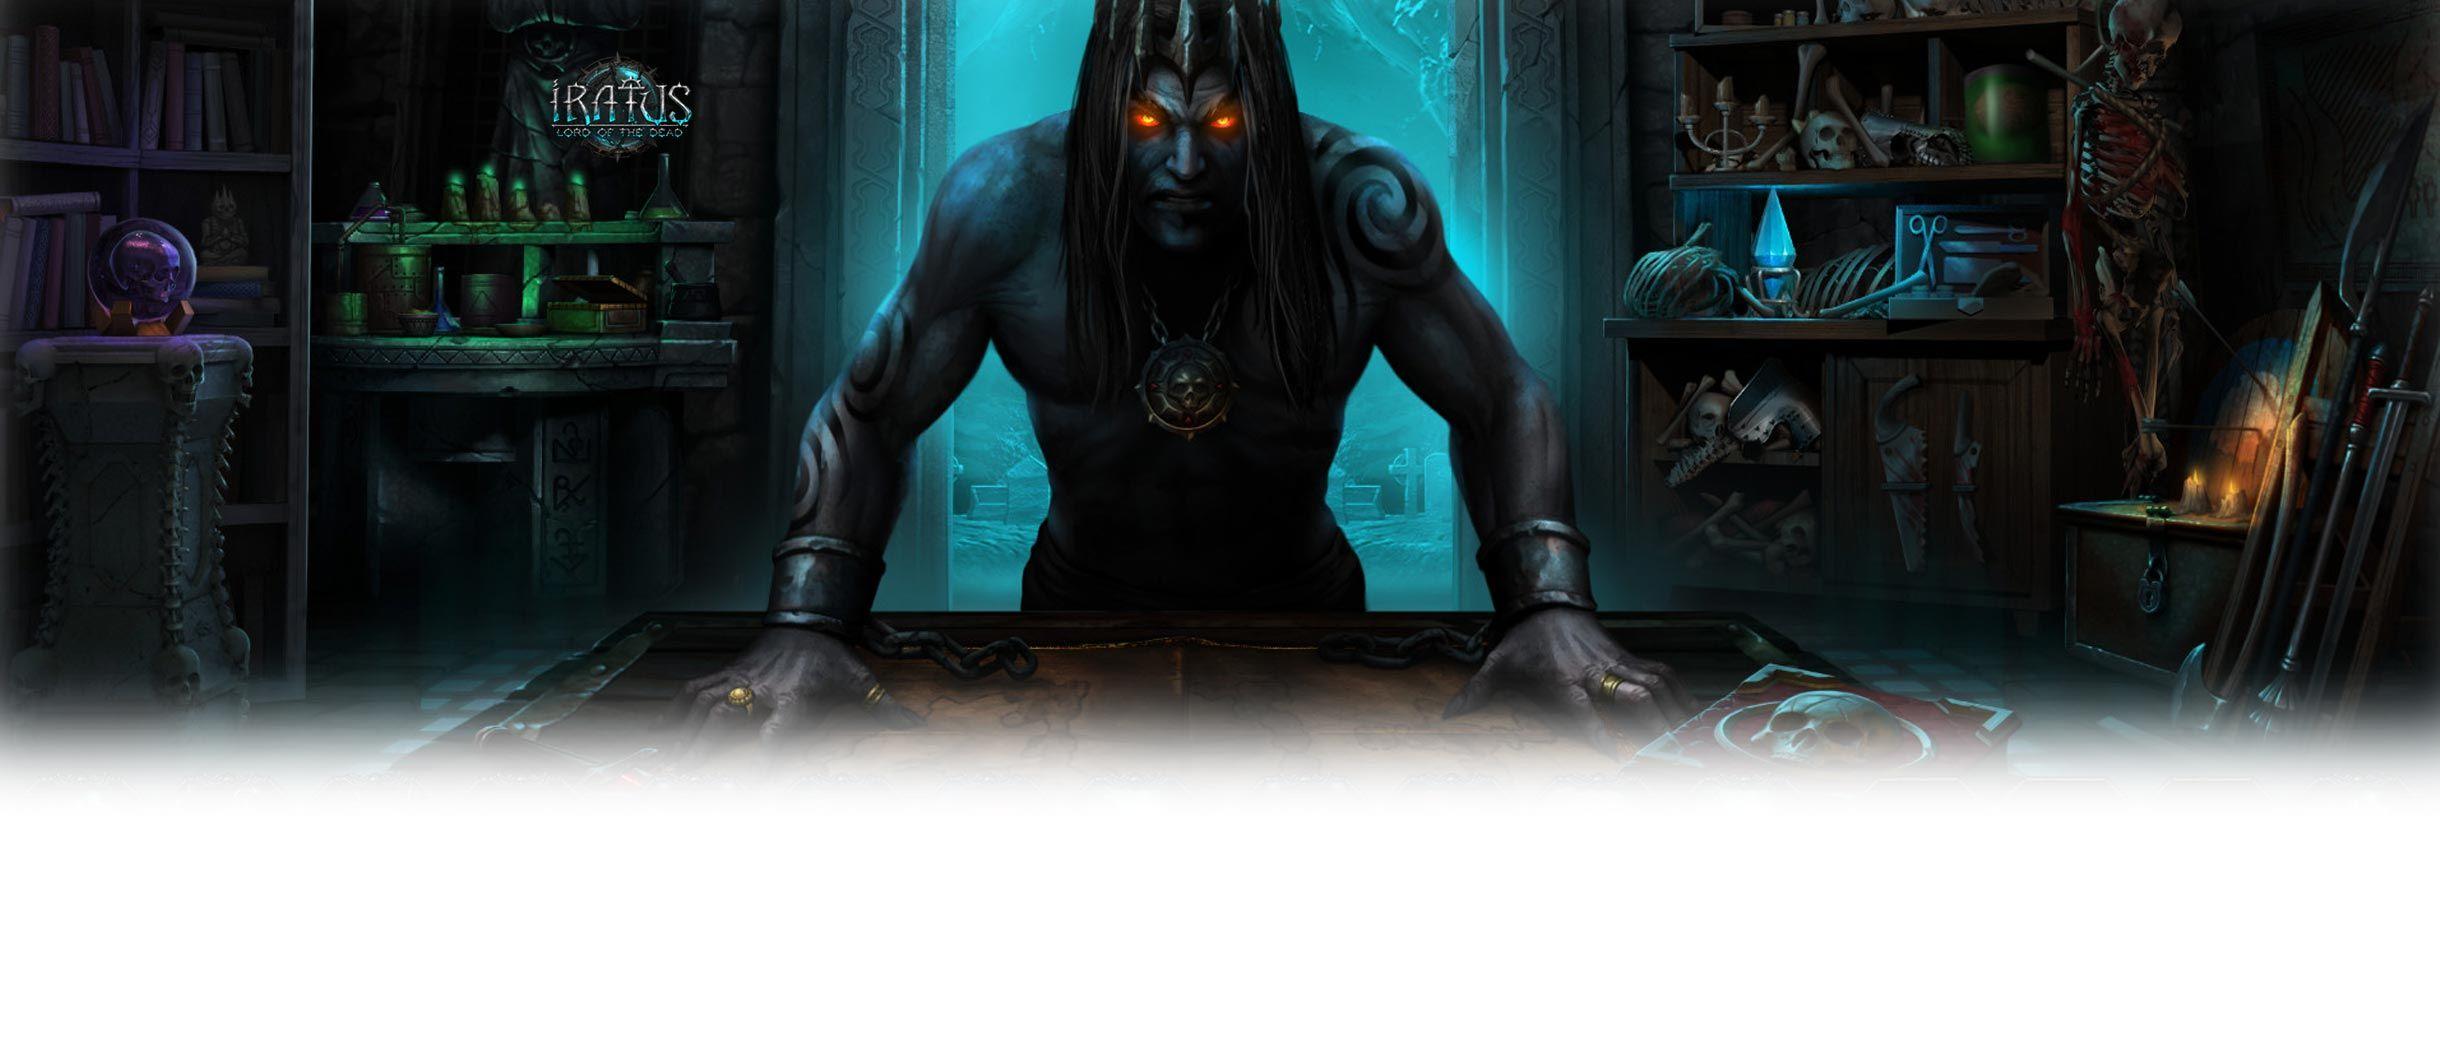 www.dlgamer.com